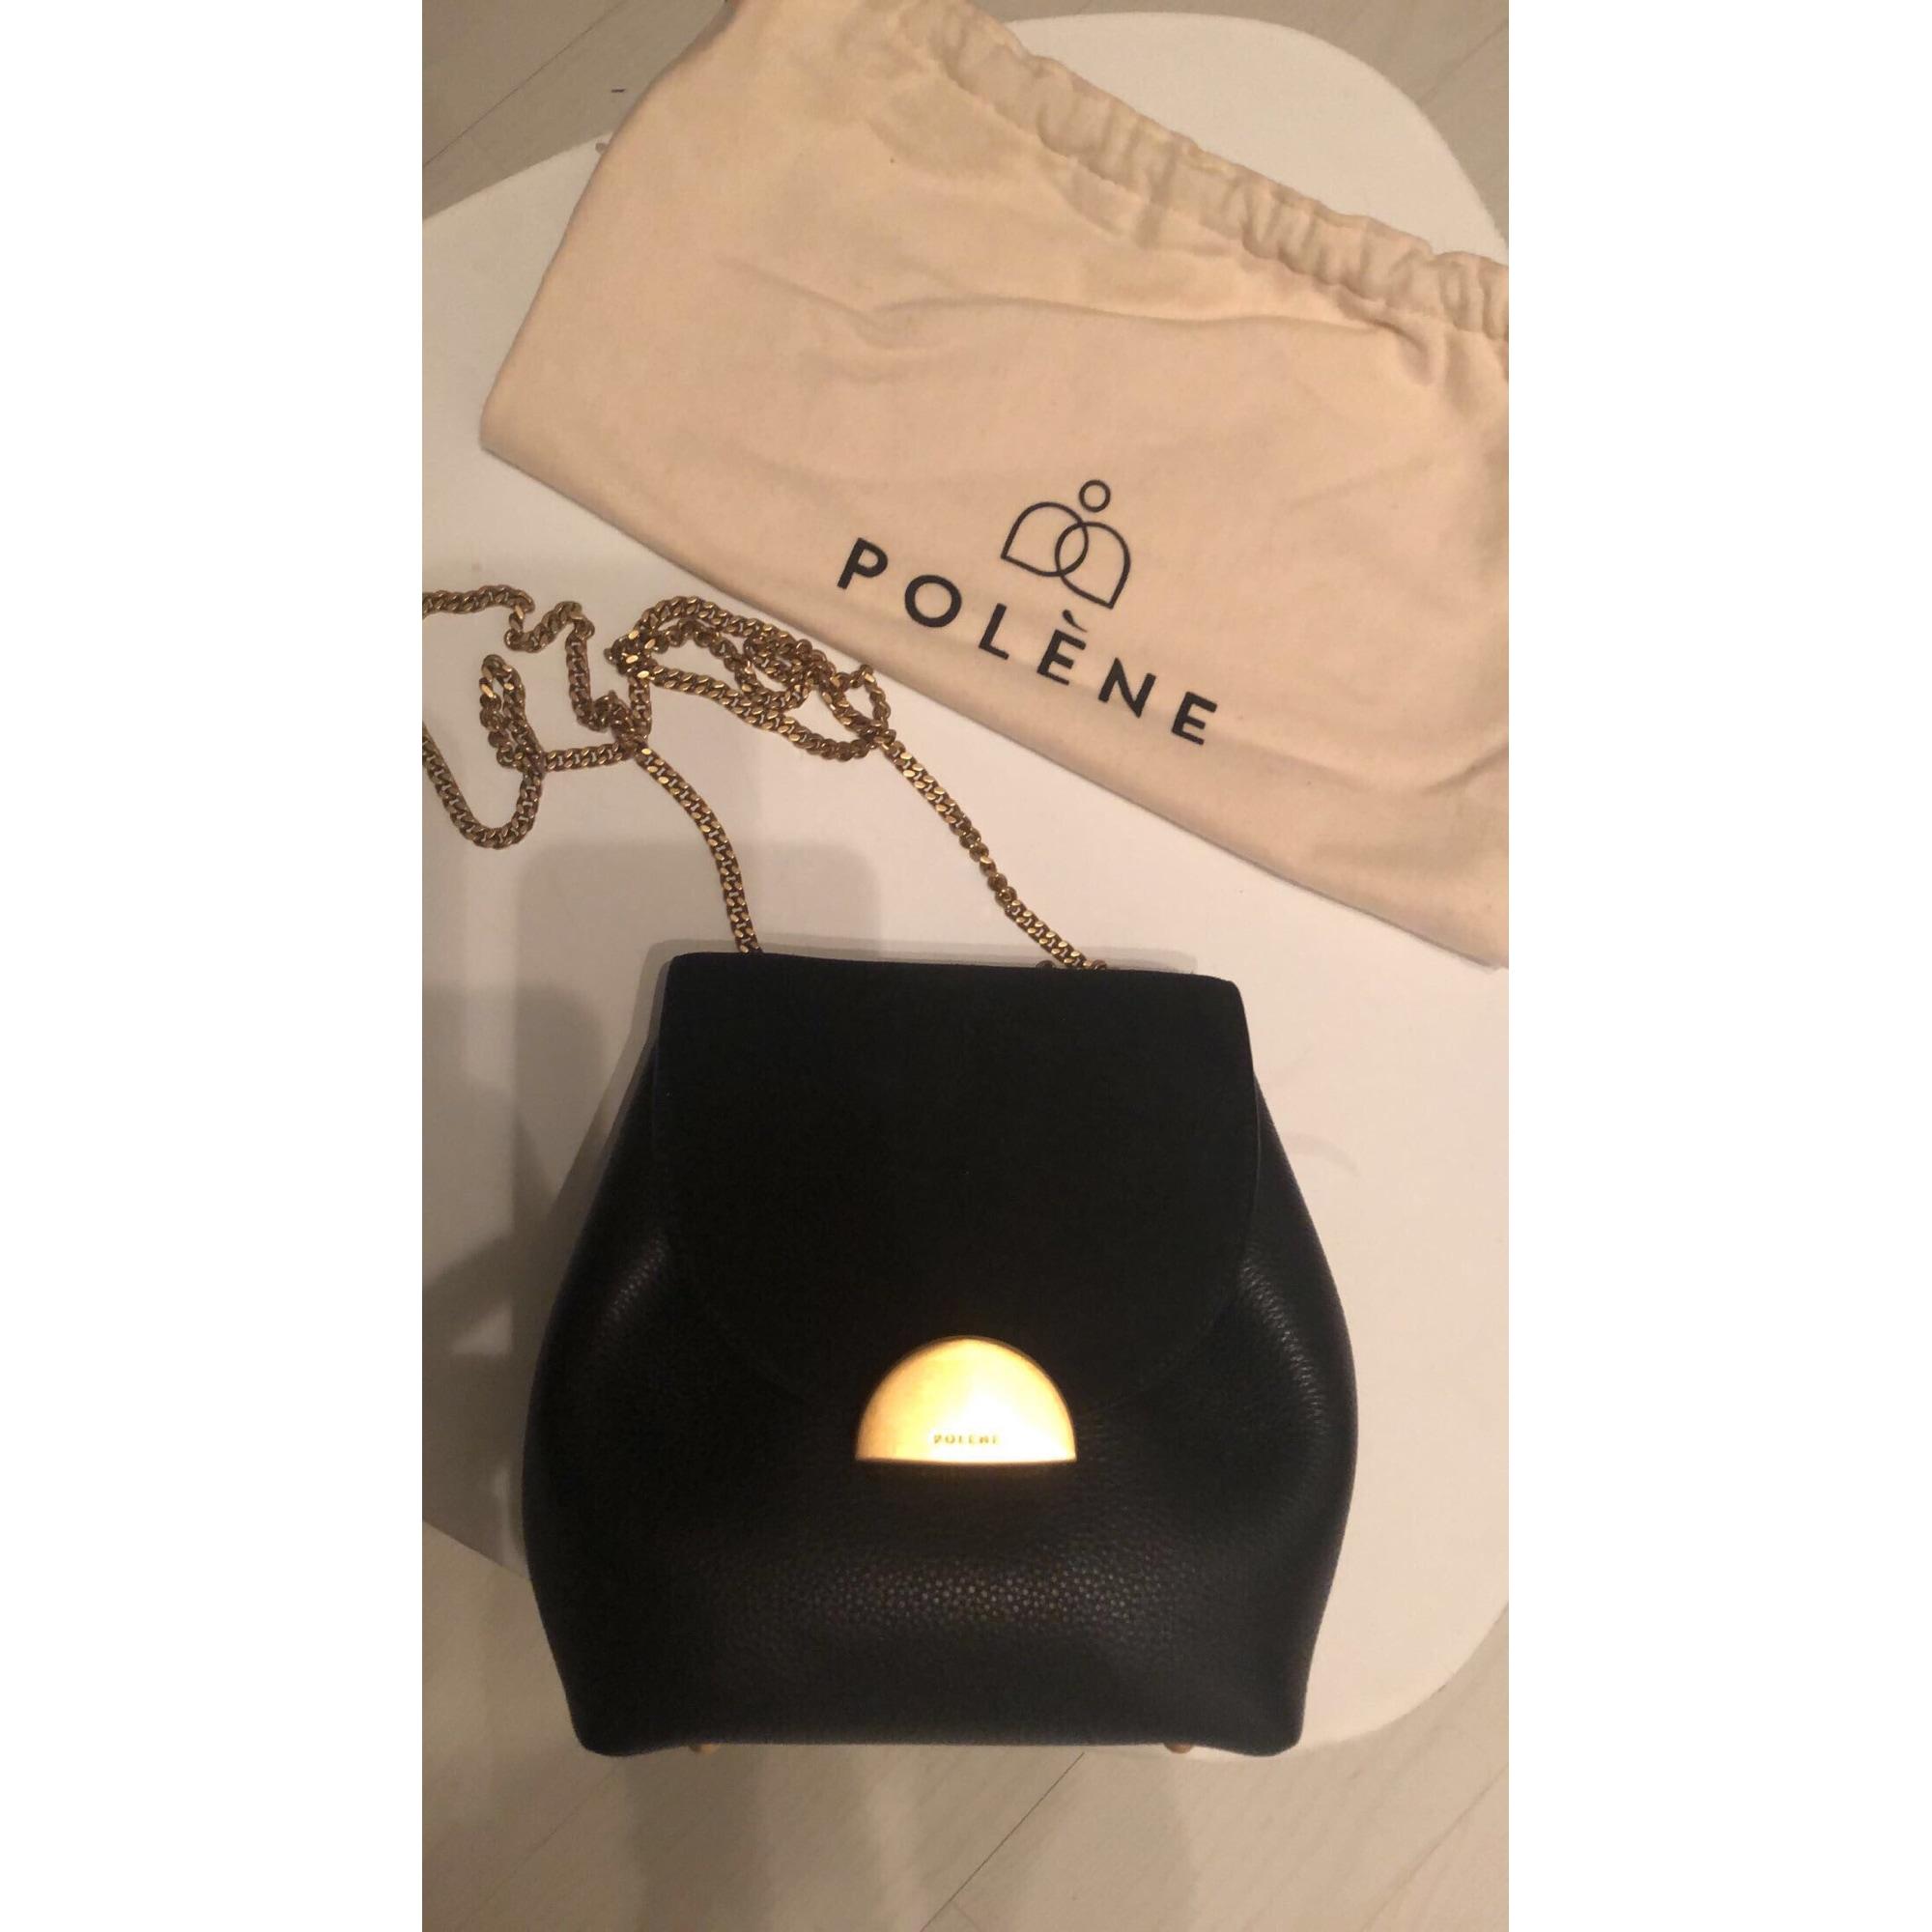 Sophie À 8303318 Noir Main Cuir En Polène Vendu 9038 Sac Par hsQrCtd